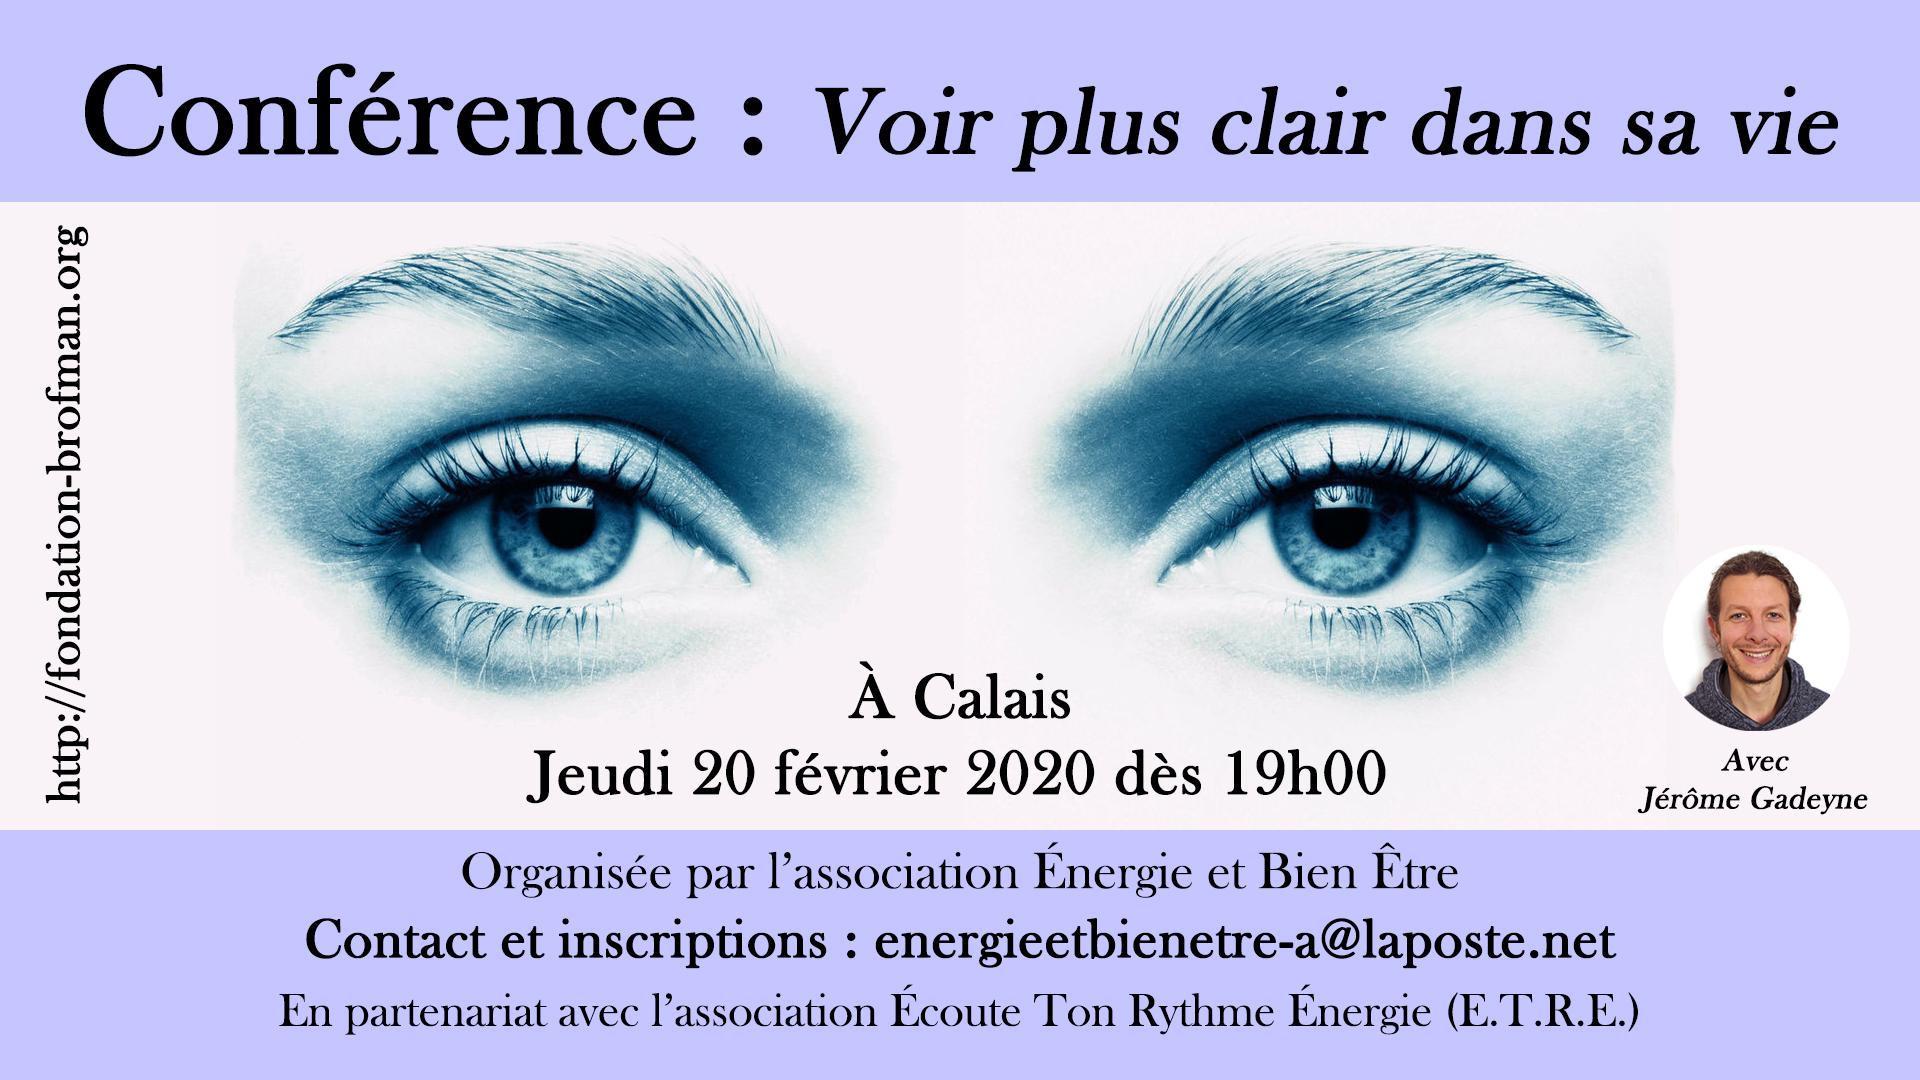 Conf Voir plus clair dans sa vie - Calais